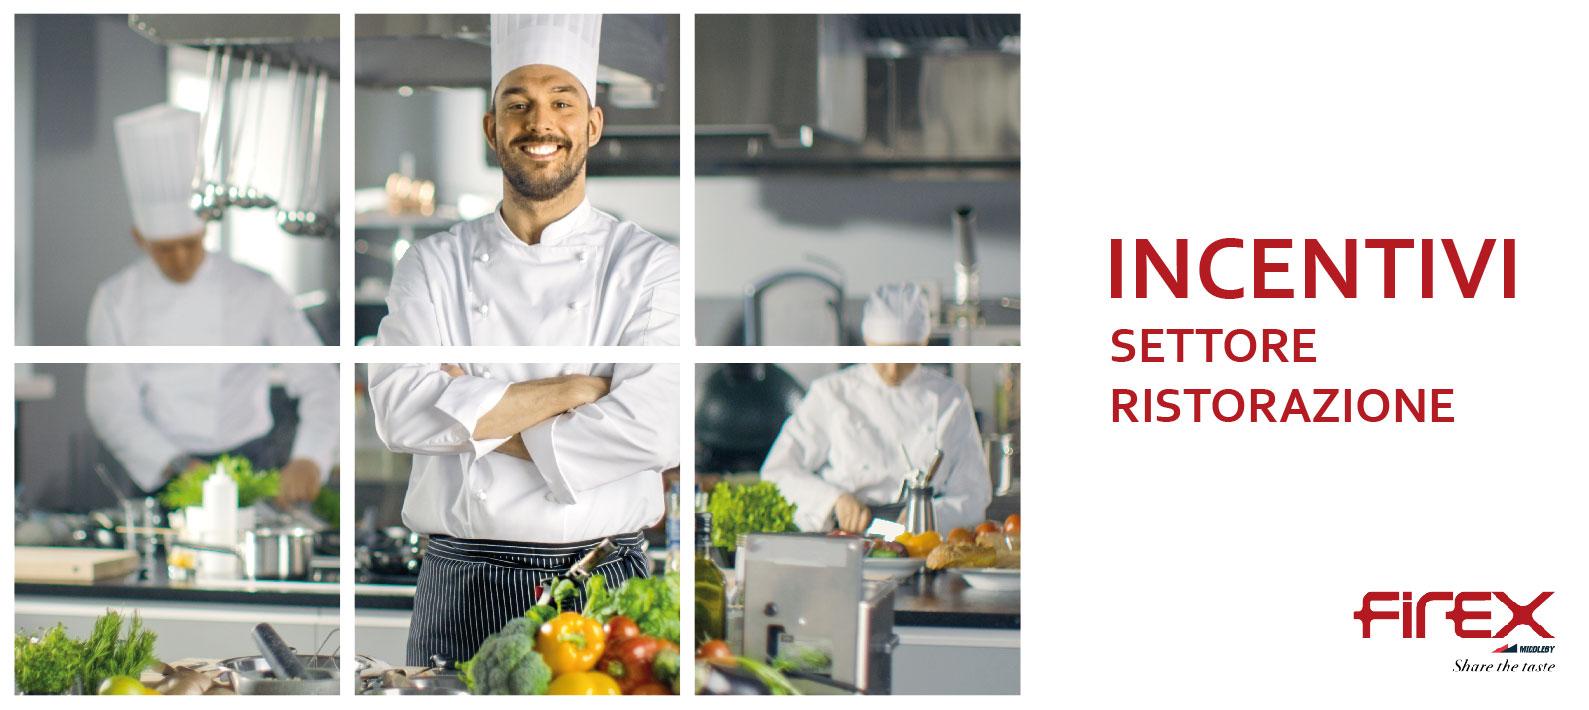 Incentivi statali per il settore ristorazione in Italia per l'anno 2021